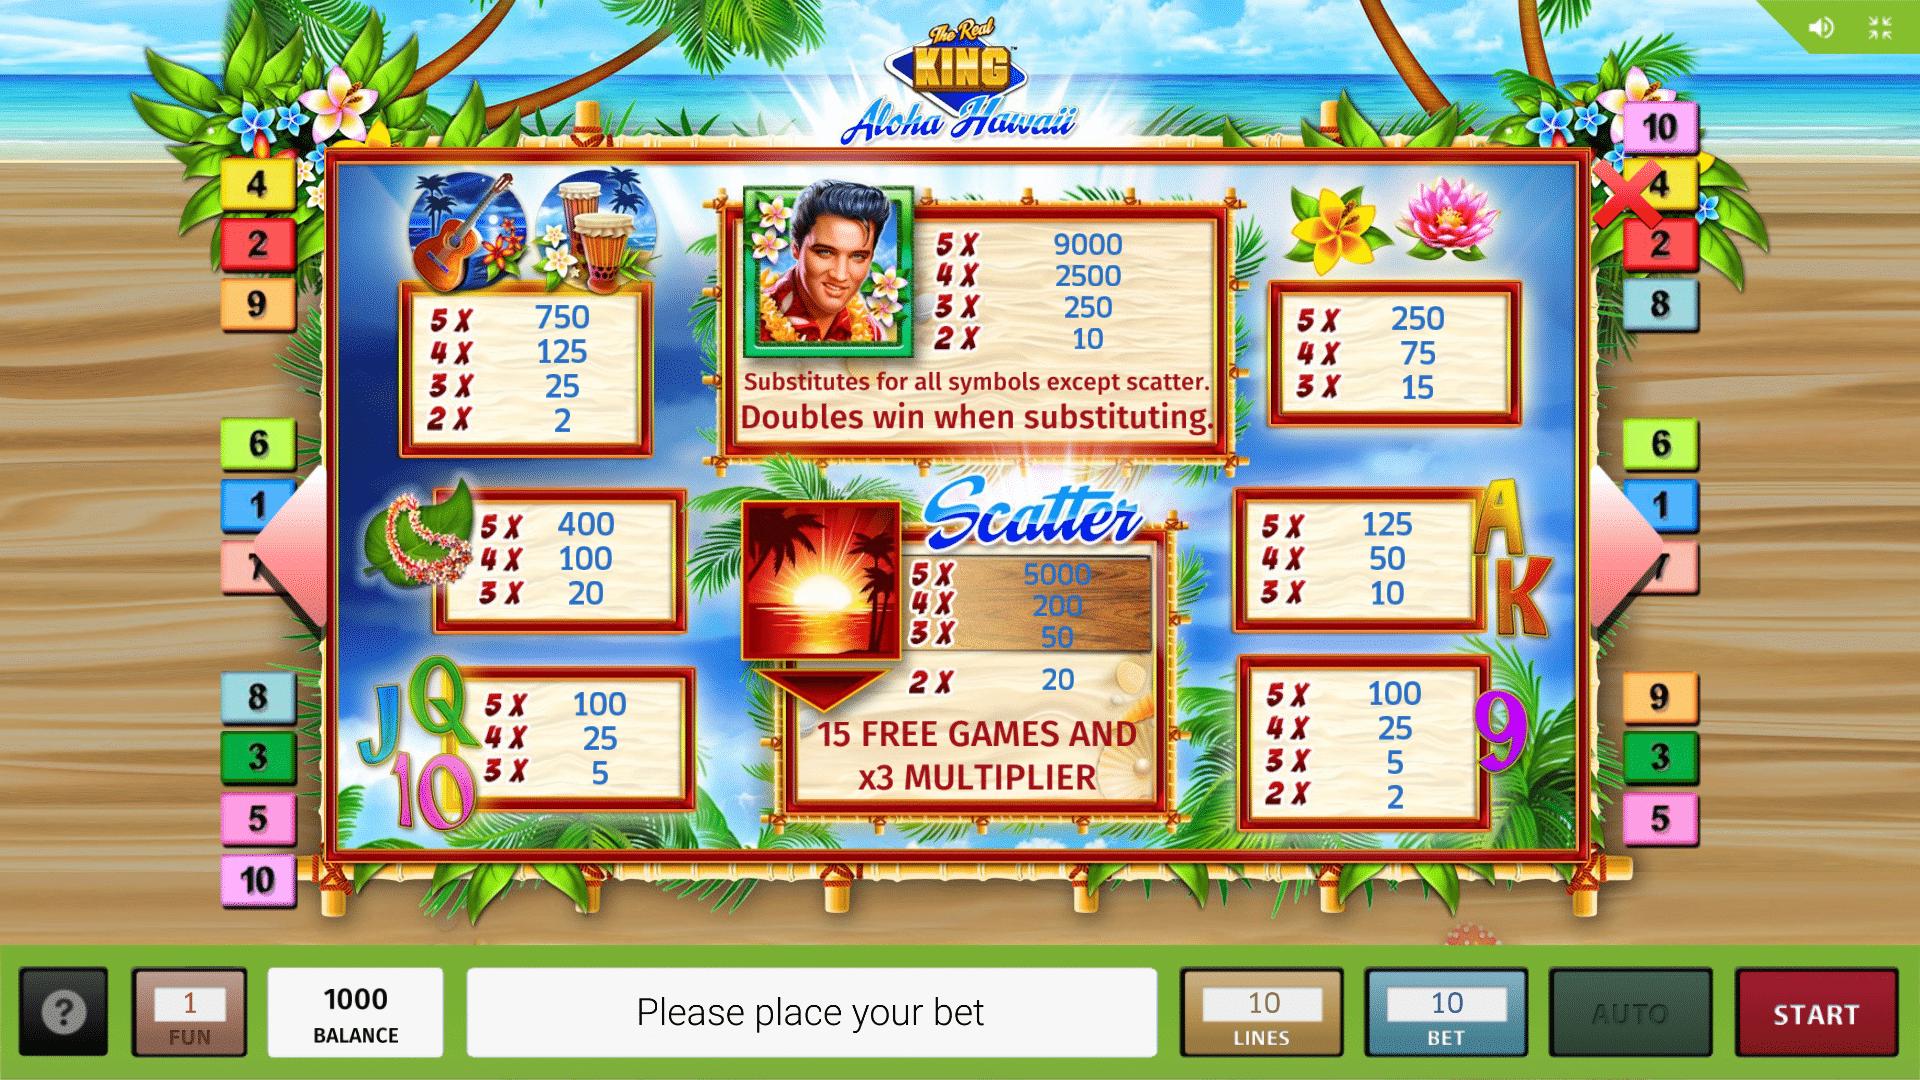 Tabella dei Pagamenti della Slot gratis The Real King Aloha Hawaii